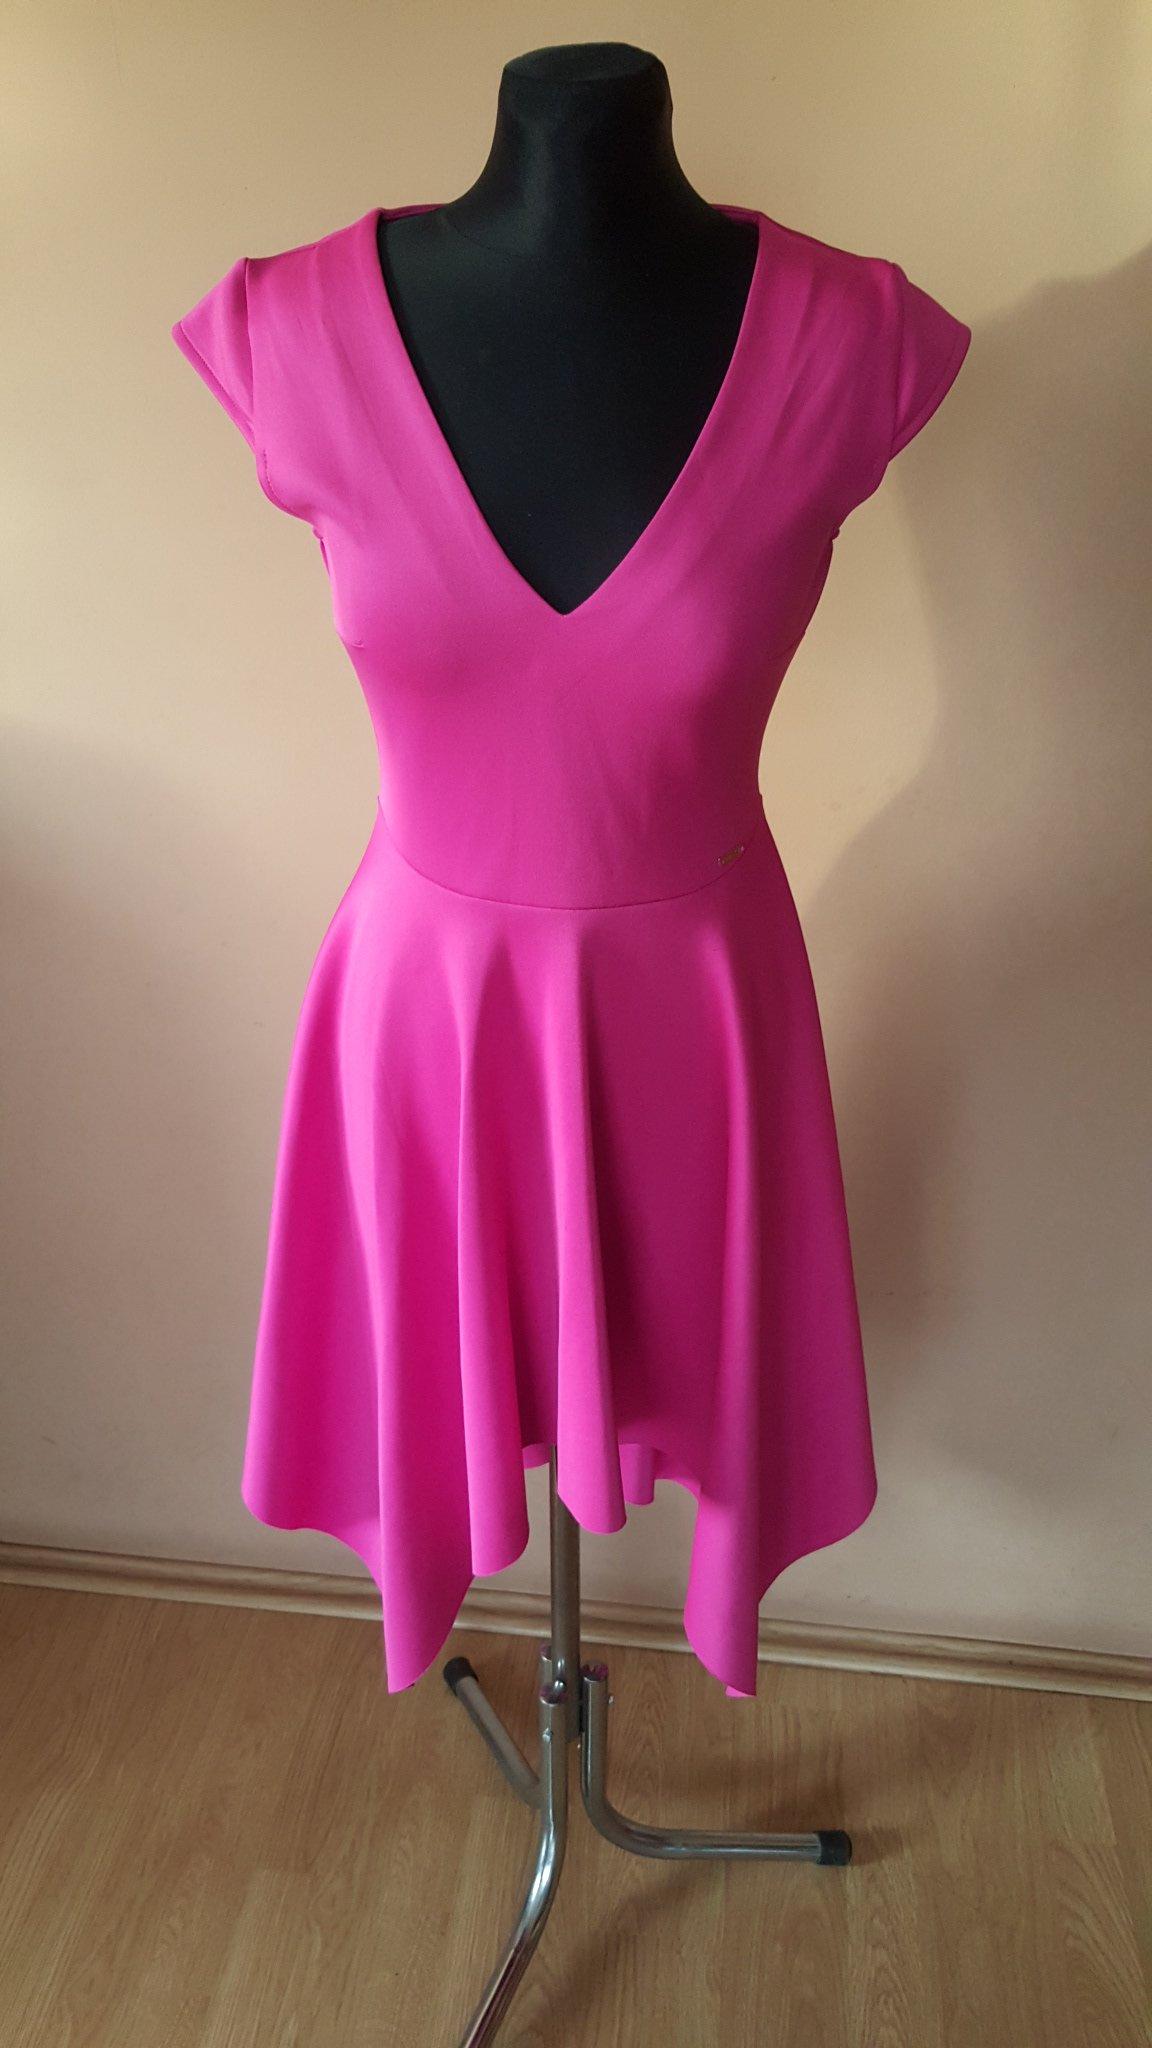 977ca8676d Sukienka Mohito malinowa różowa wesele S M 36 38 - 7289121591 ...